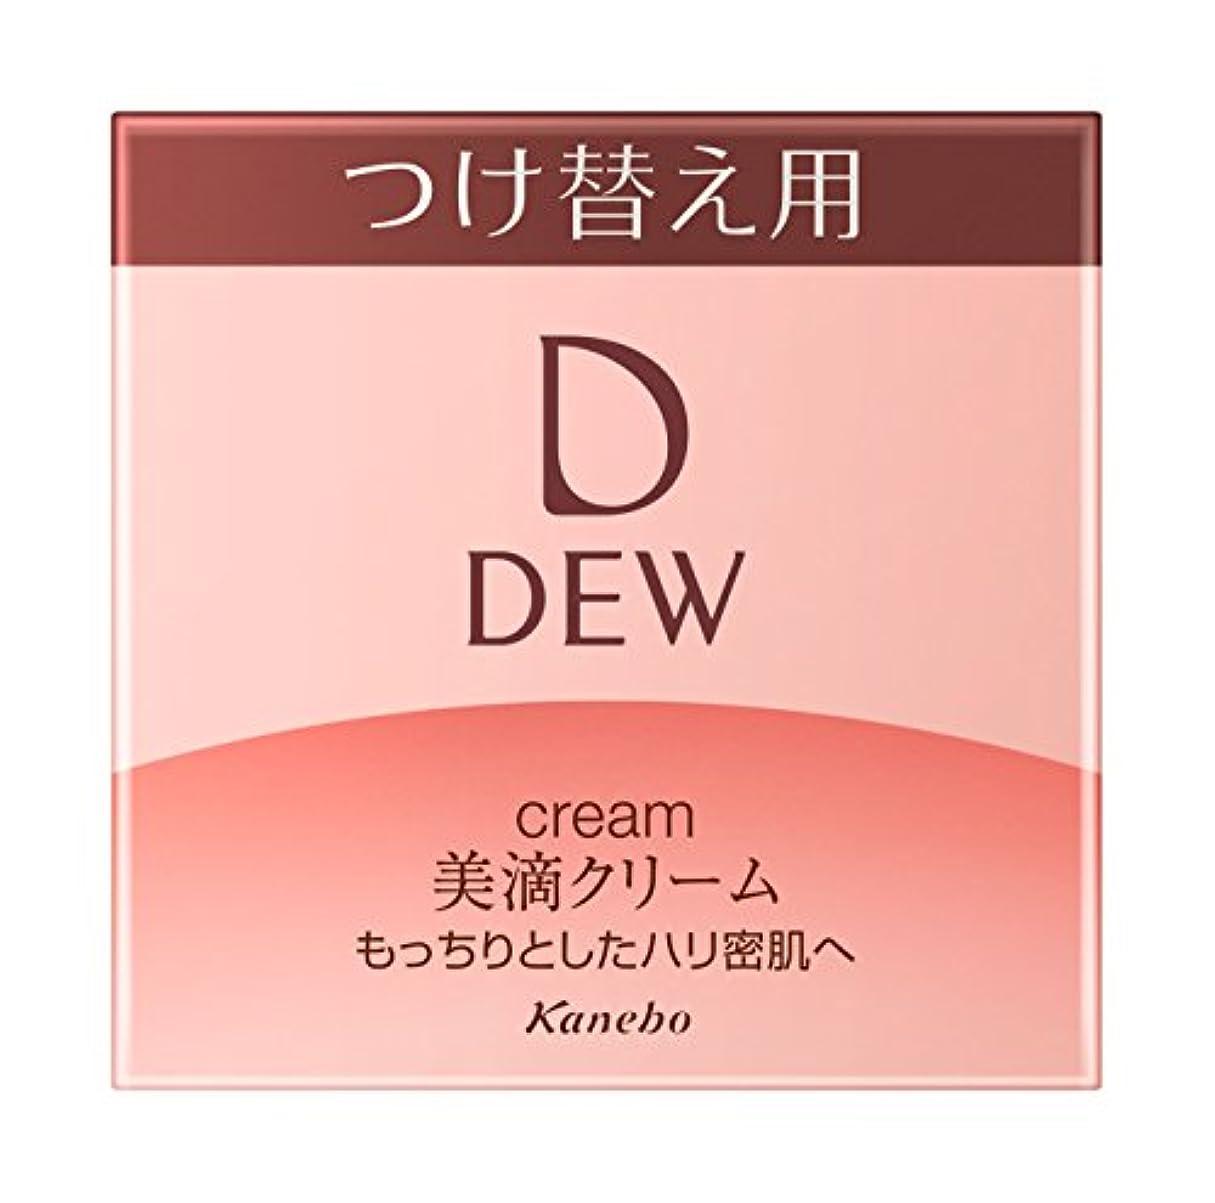 ストライク半球感情DEW クリーム レフィル 30g 保湿クリーム